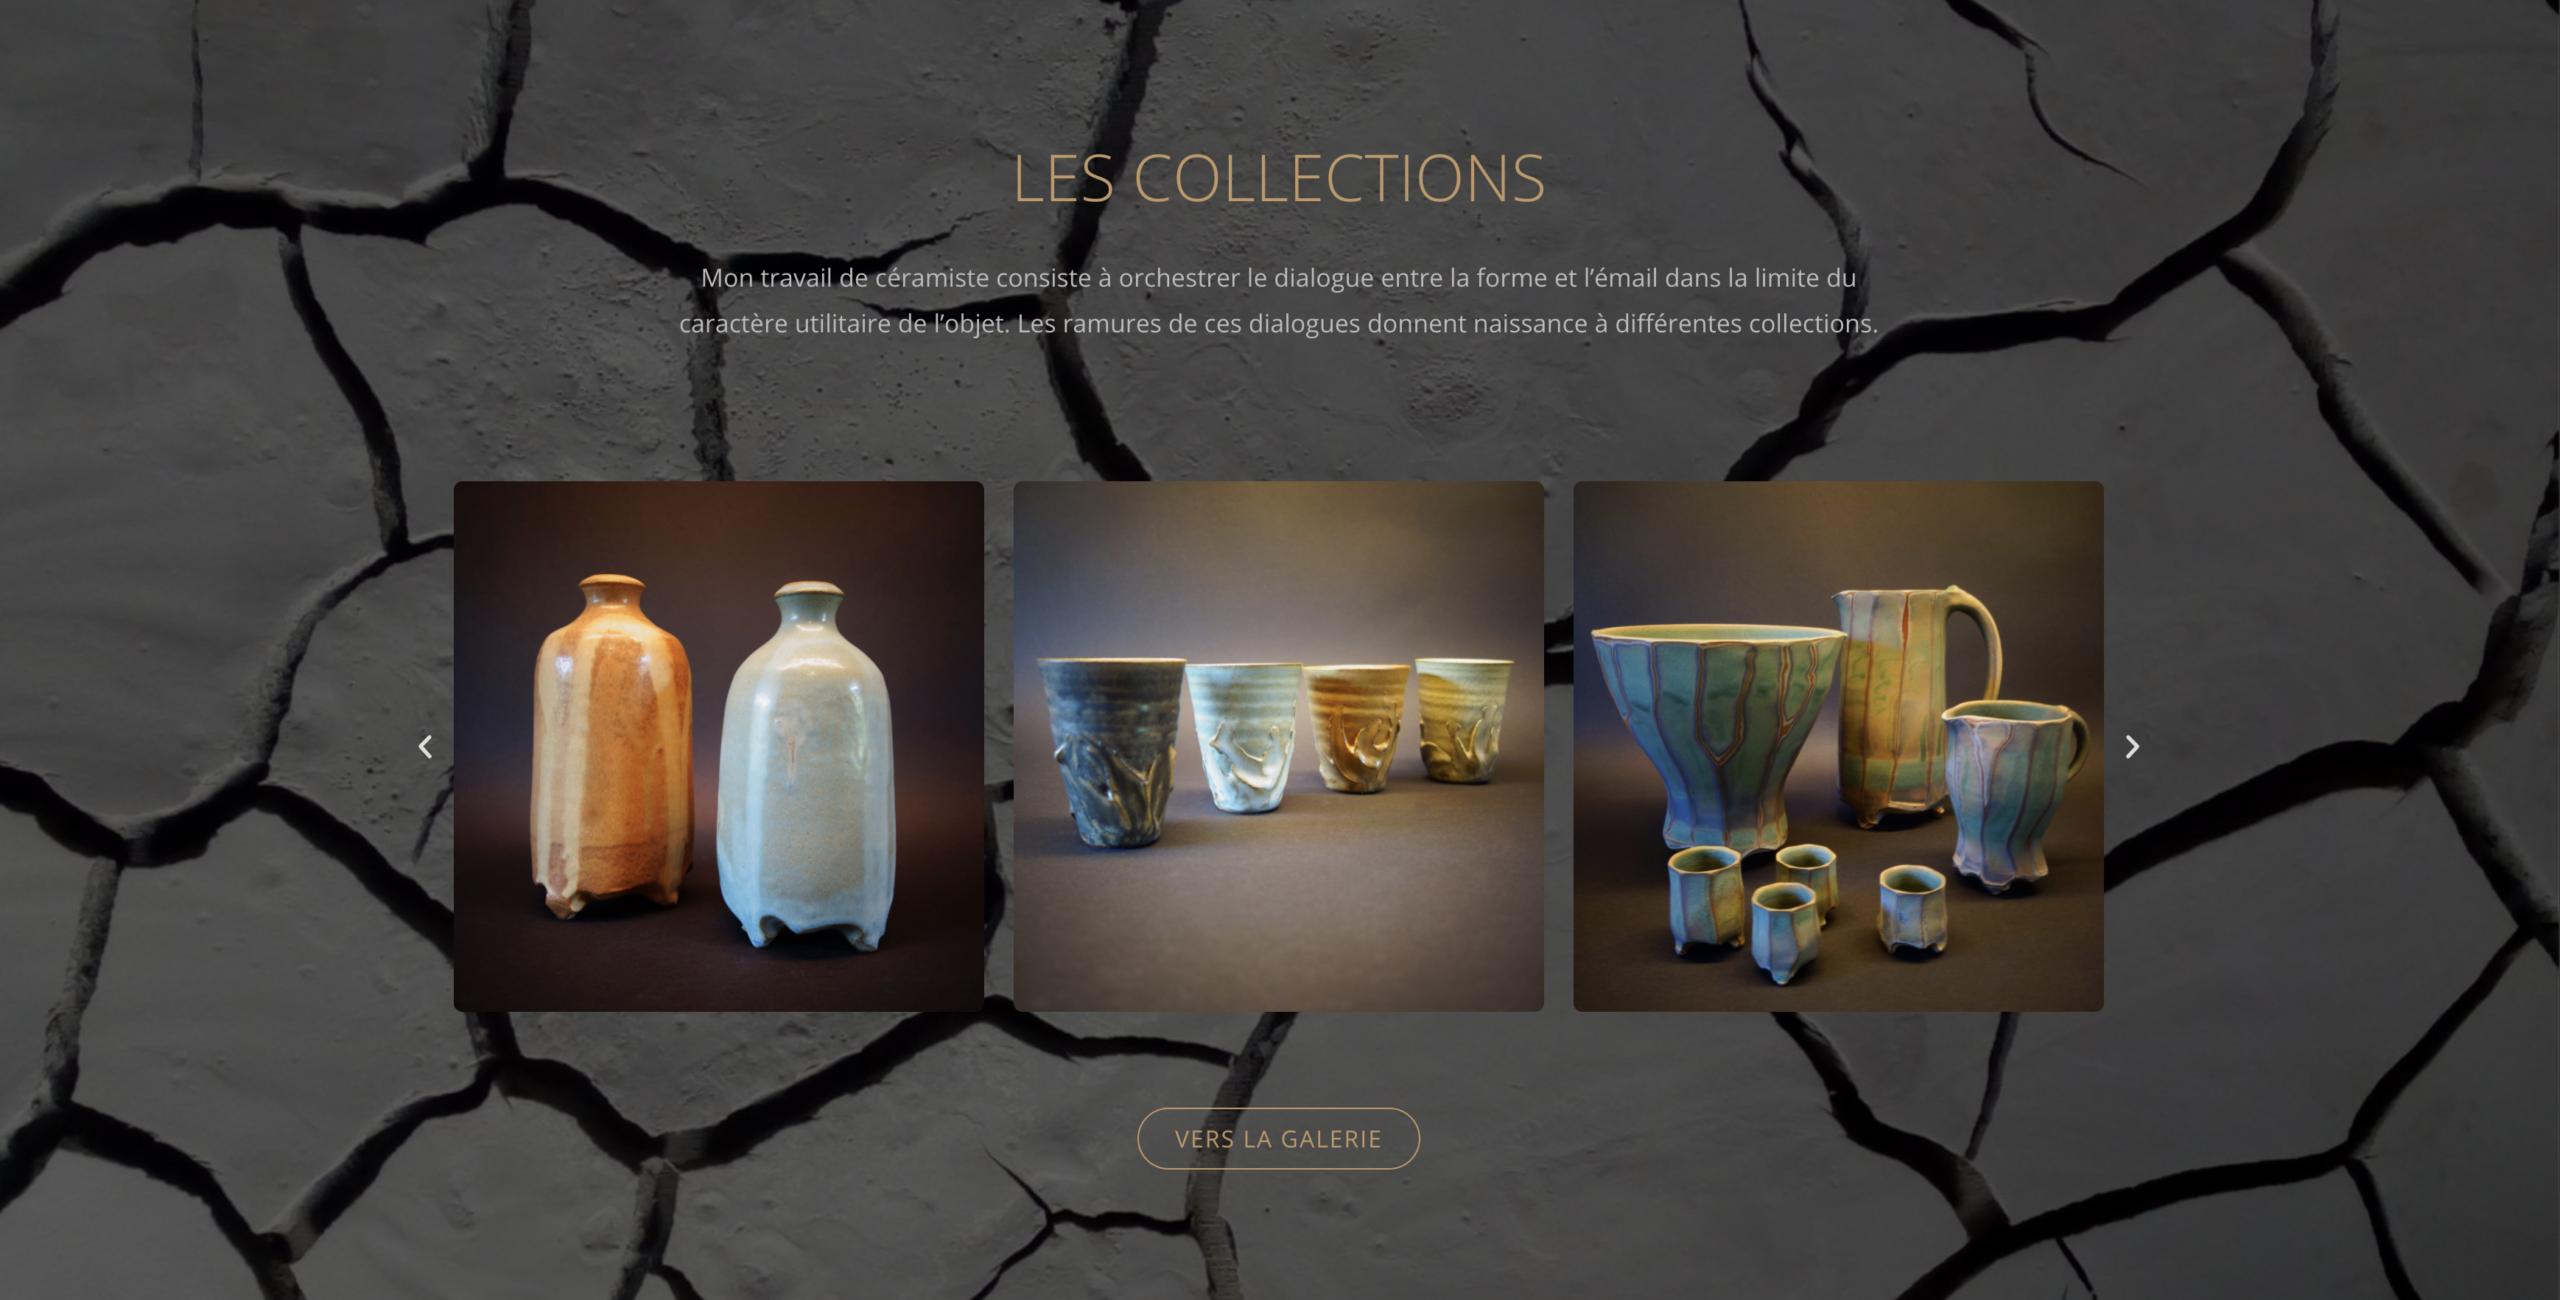 website nicolasraguin galerie